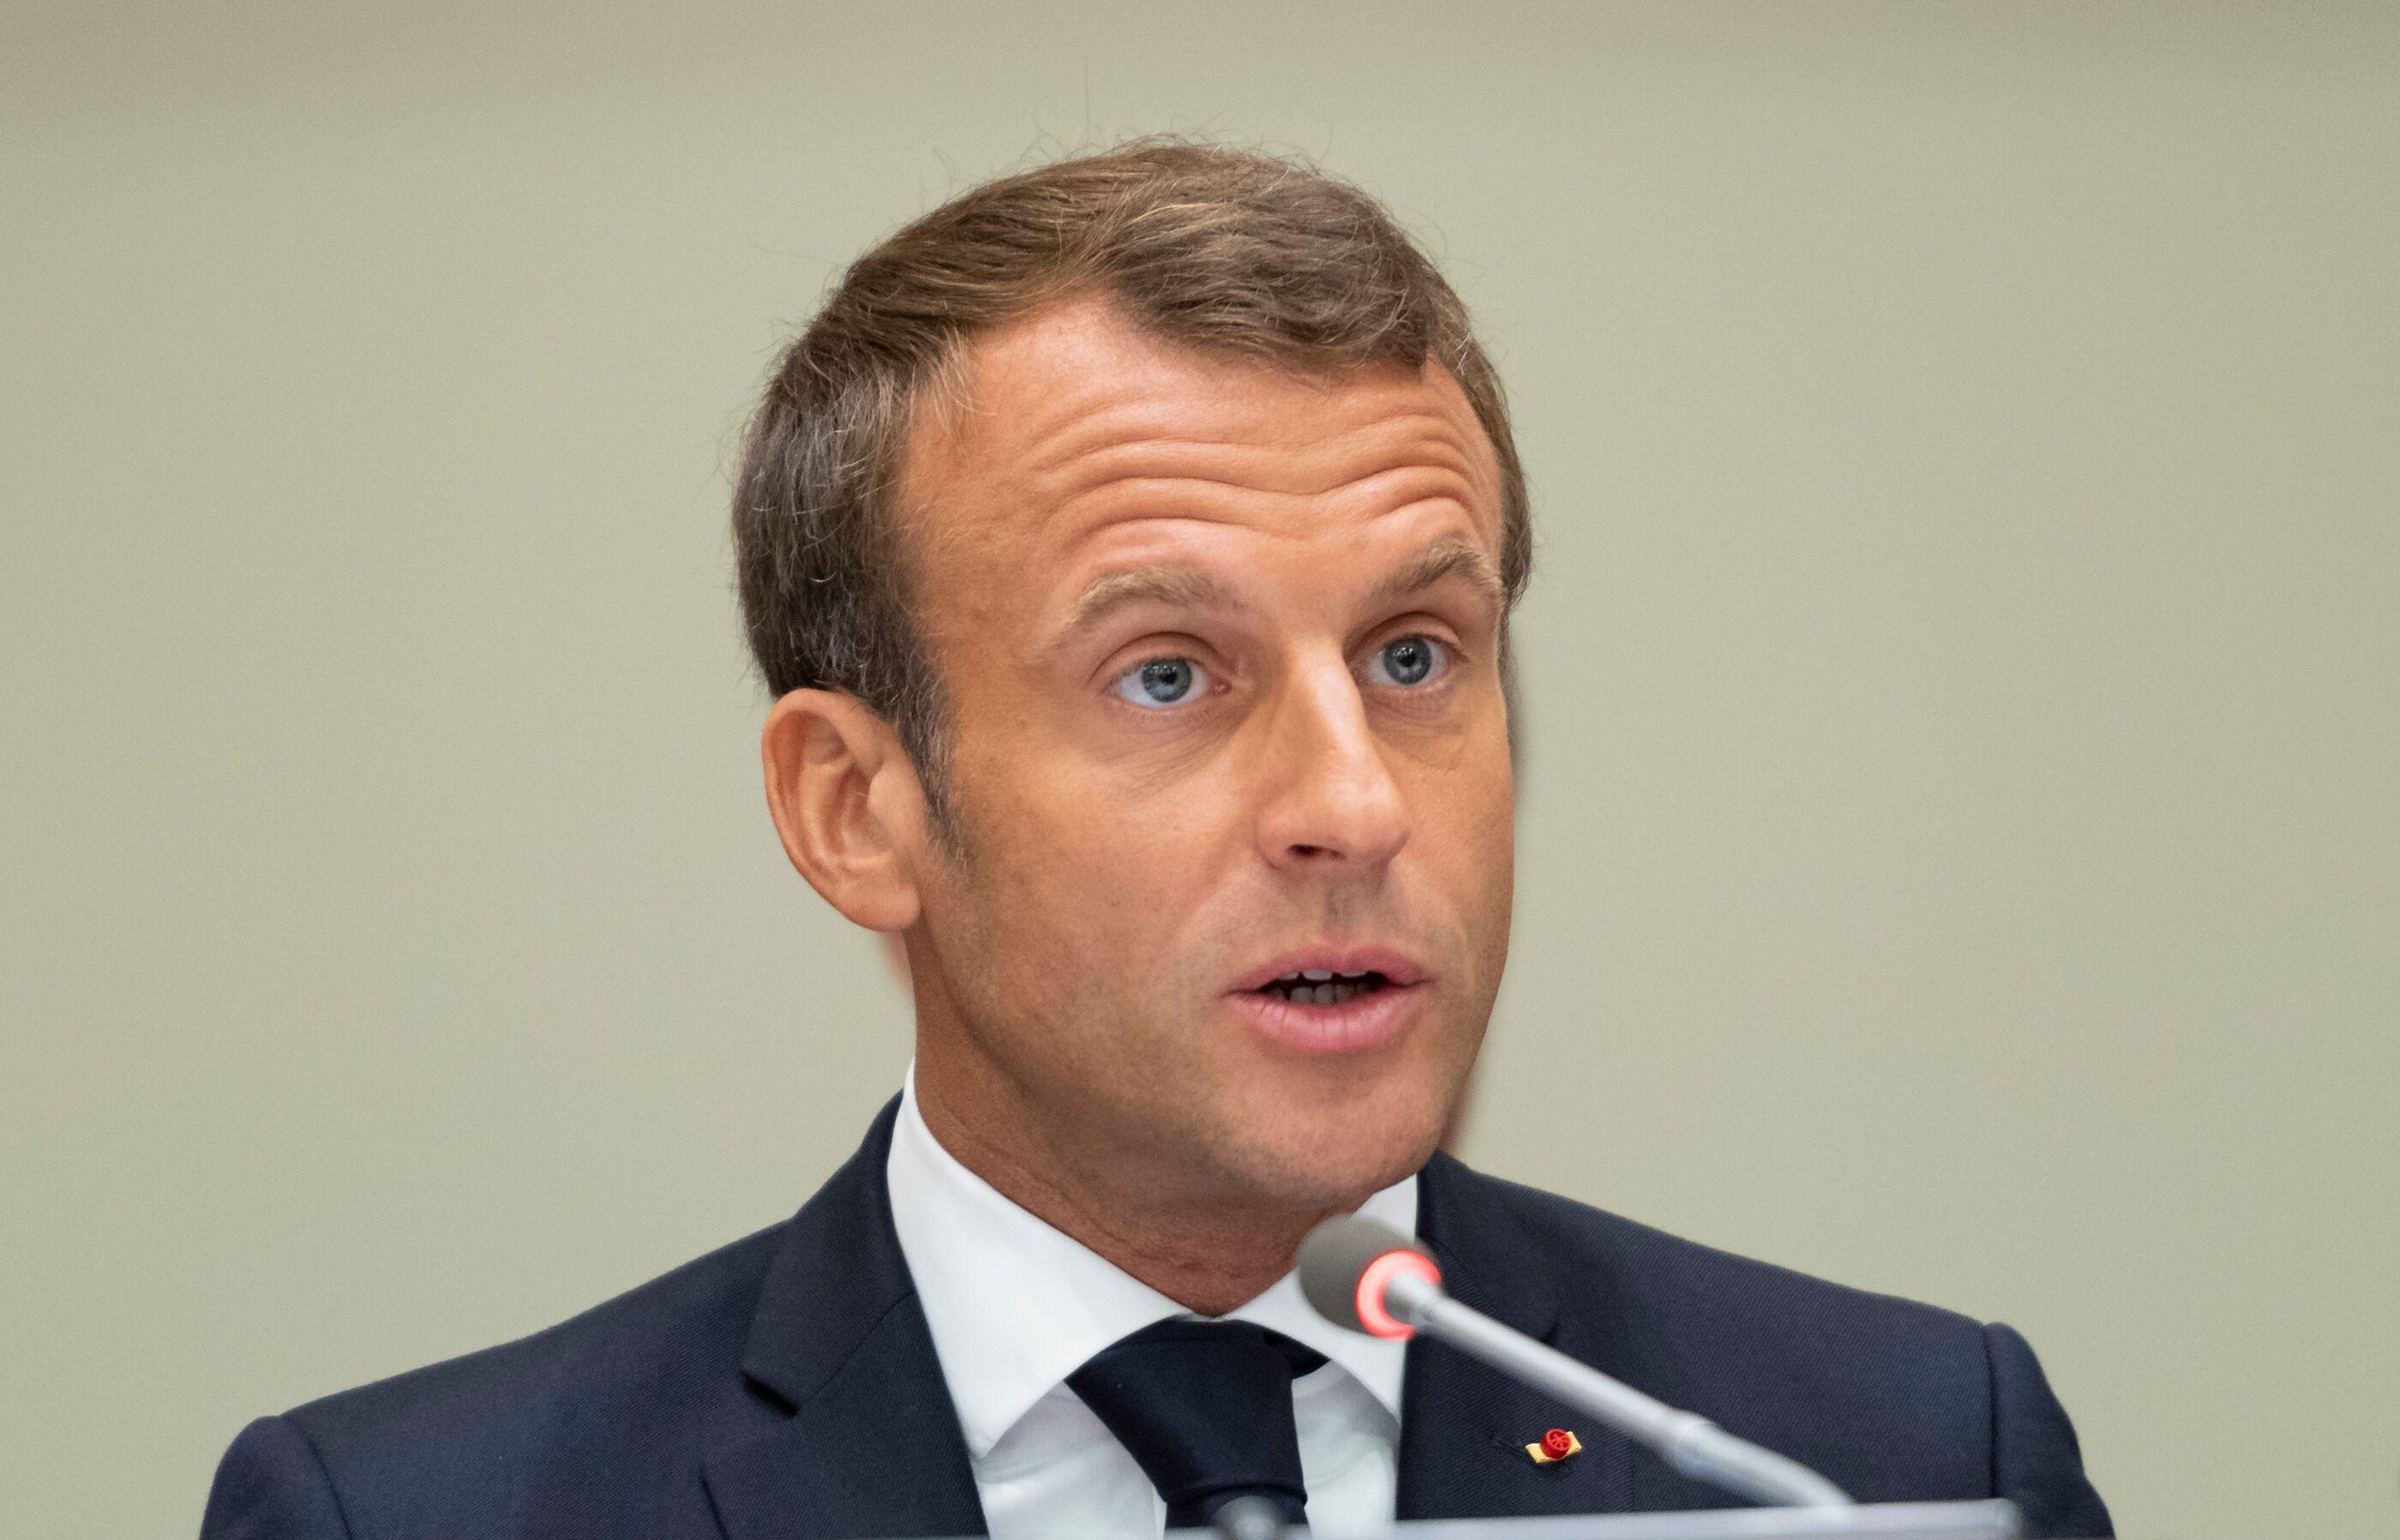 Photo Emmanuel Macron En Sweat A Capuche Et Pas Rase Ce Cliche Qui Fait Beaucoup Reagir Voici